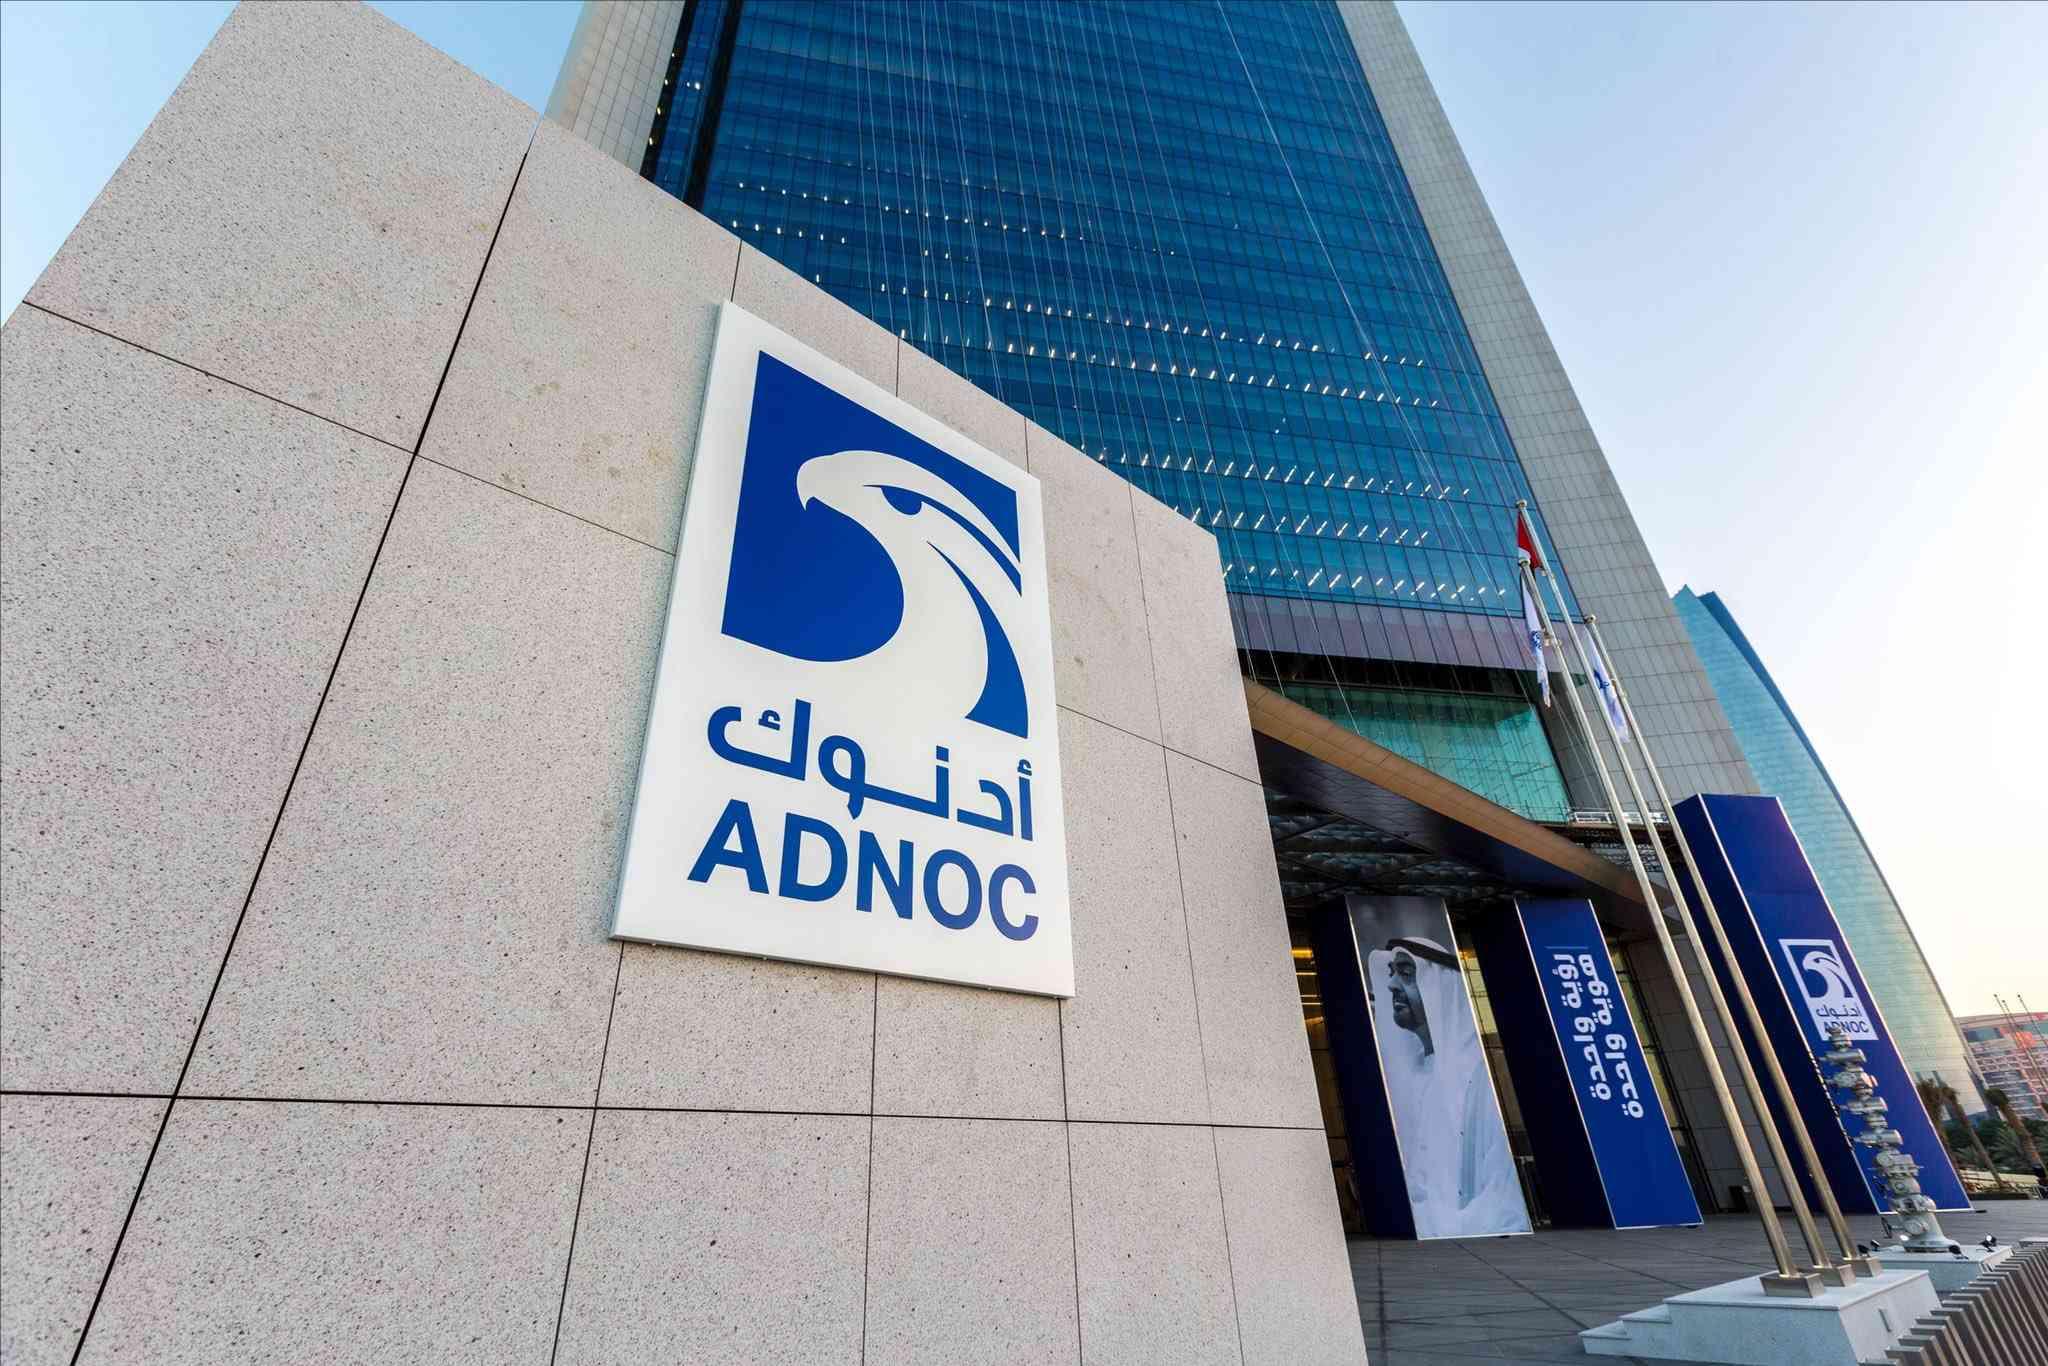 أدنوك توقع اتفاقيات بنحو مليار دولار لتنفيذ خدمات هندسية لمشاريع رئيسية